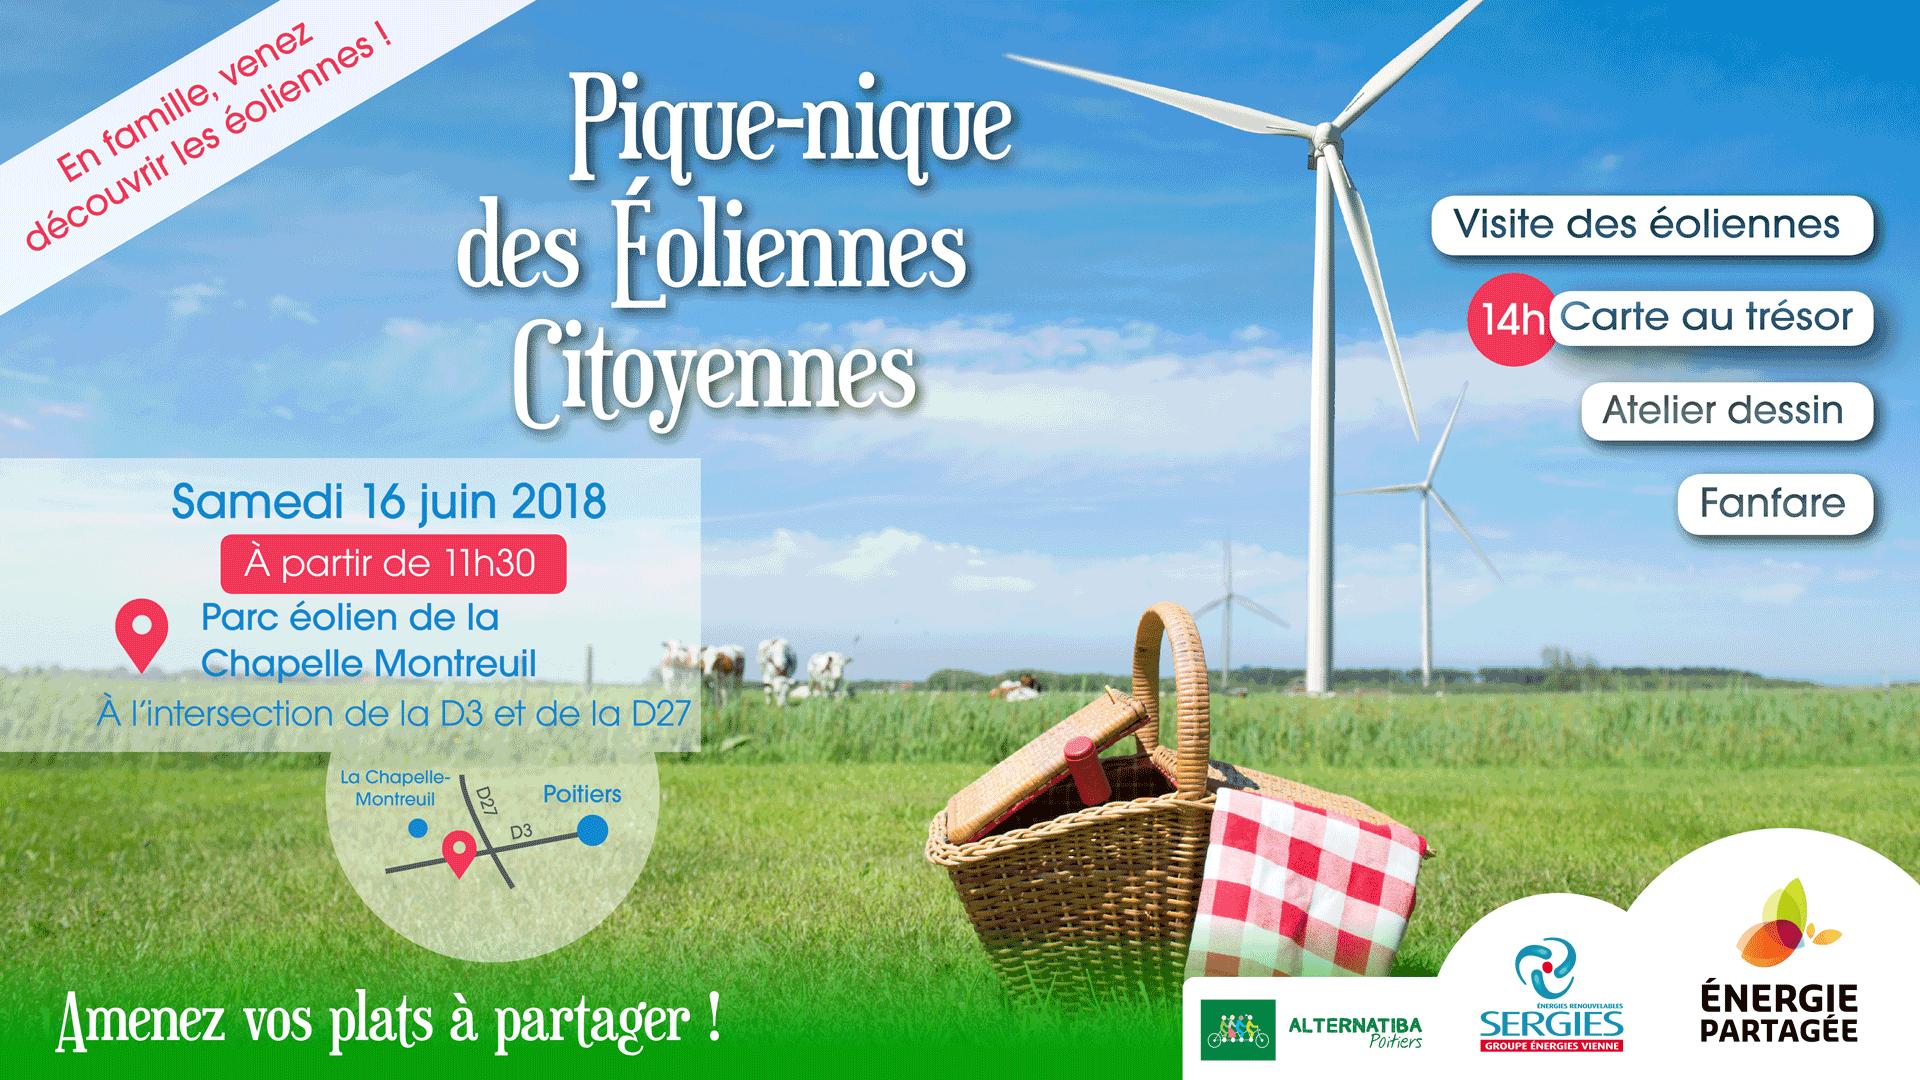 Le Pique-Nique des Eoliennes citoyennes, c'est aussi une fanfare, un atelier dessin, une carte au trésor, des visites des éoliennes...